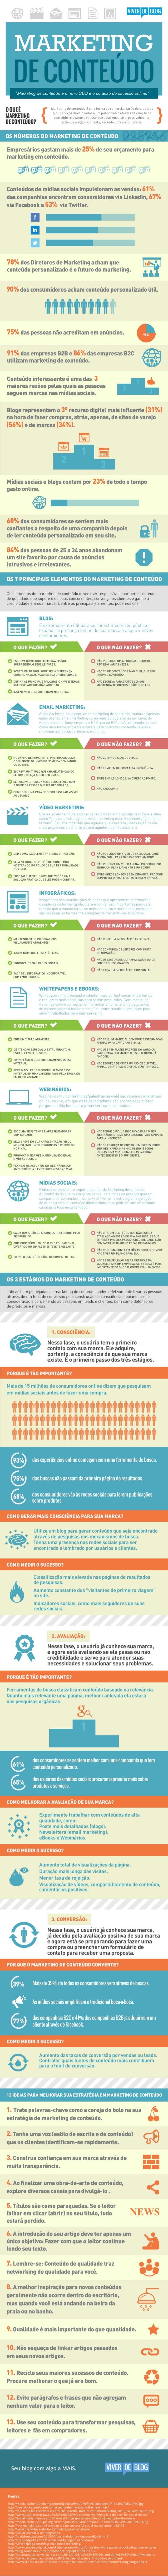 Inforgráfico Marketing de Conteúdo (viverdeblog.com)